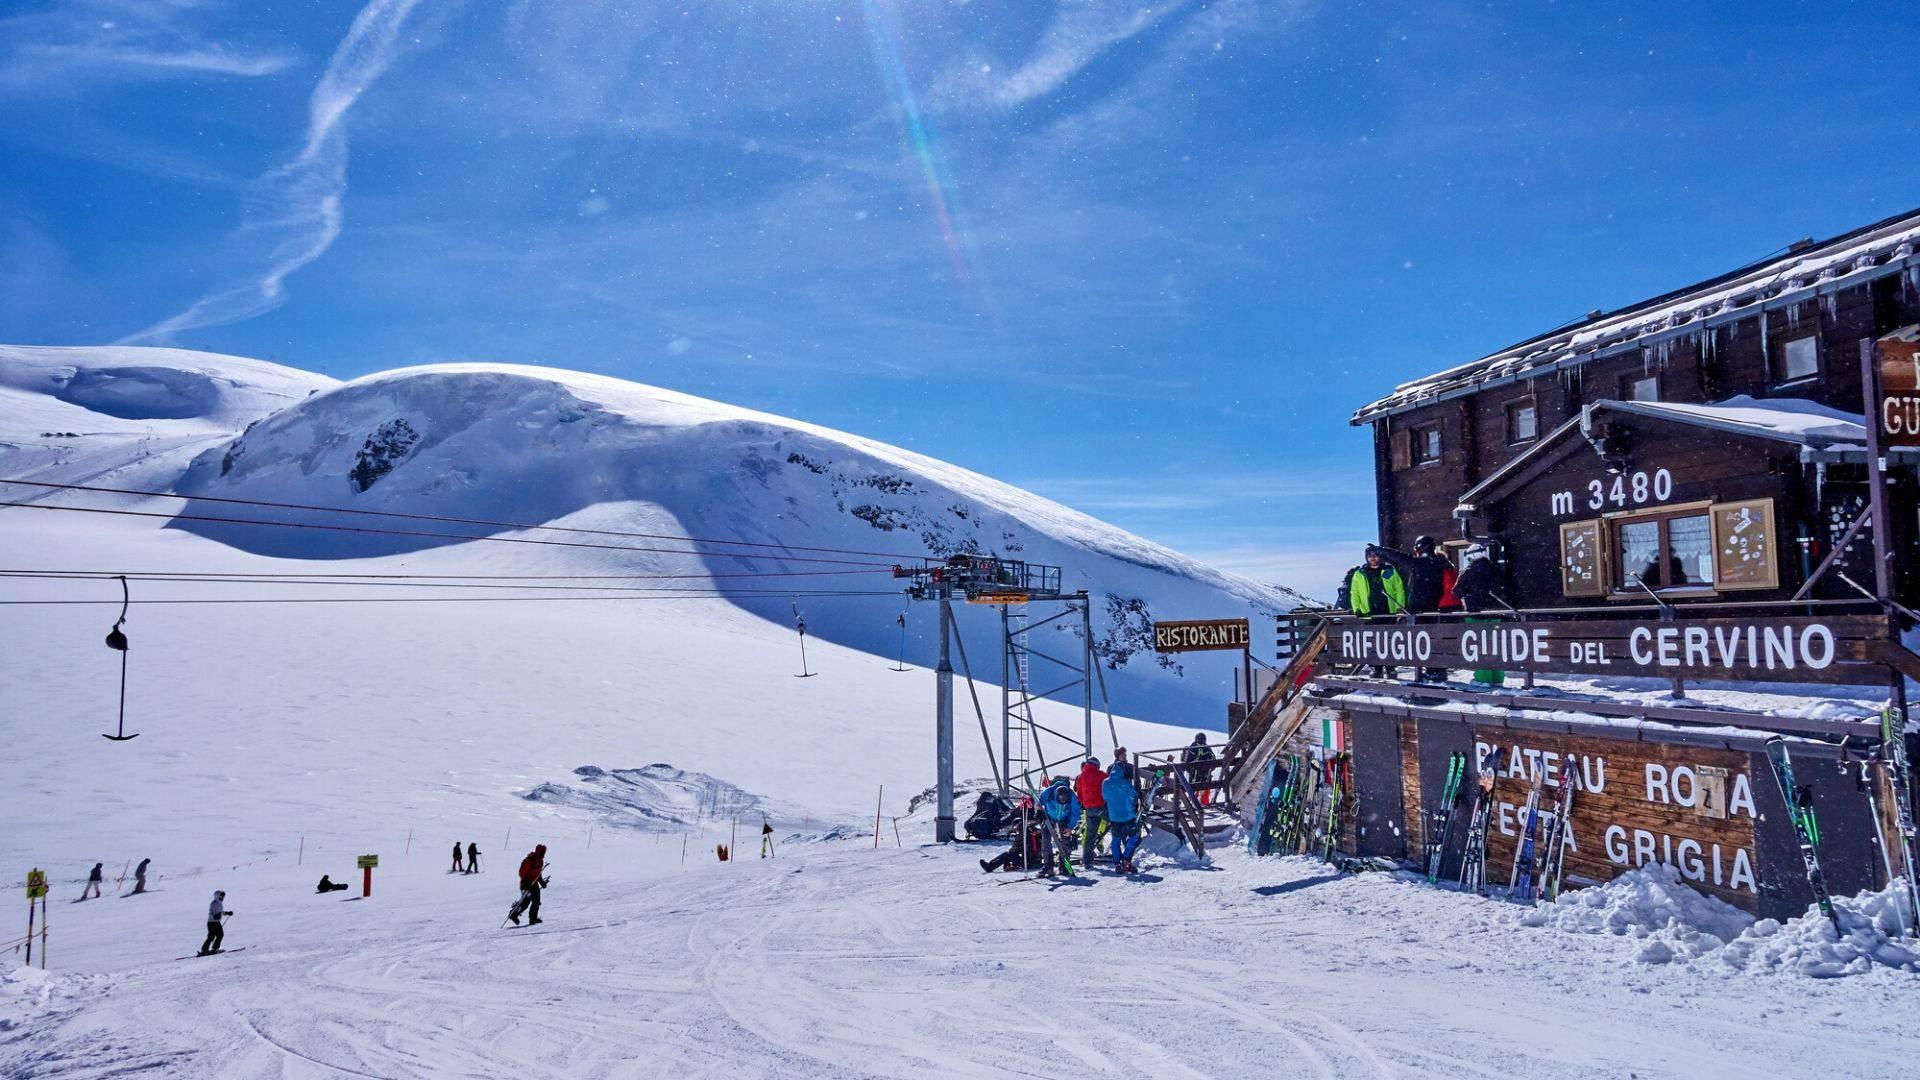 Keliaukite patirti kvapą gniaužiančių slidinėjimo nuotykių